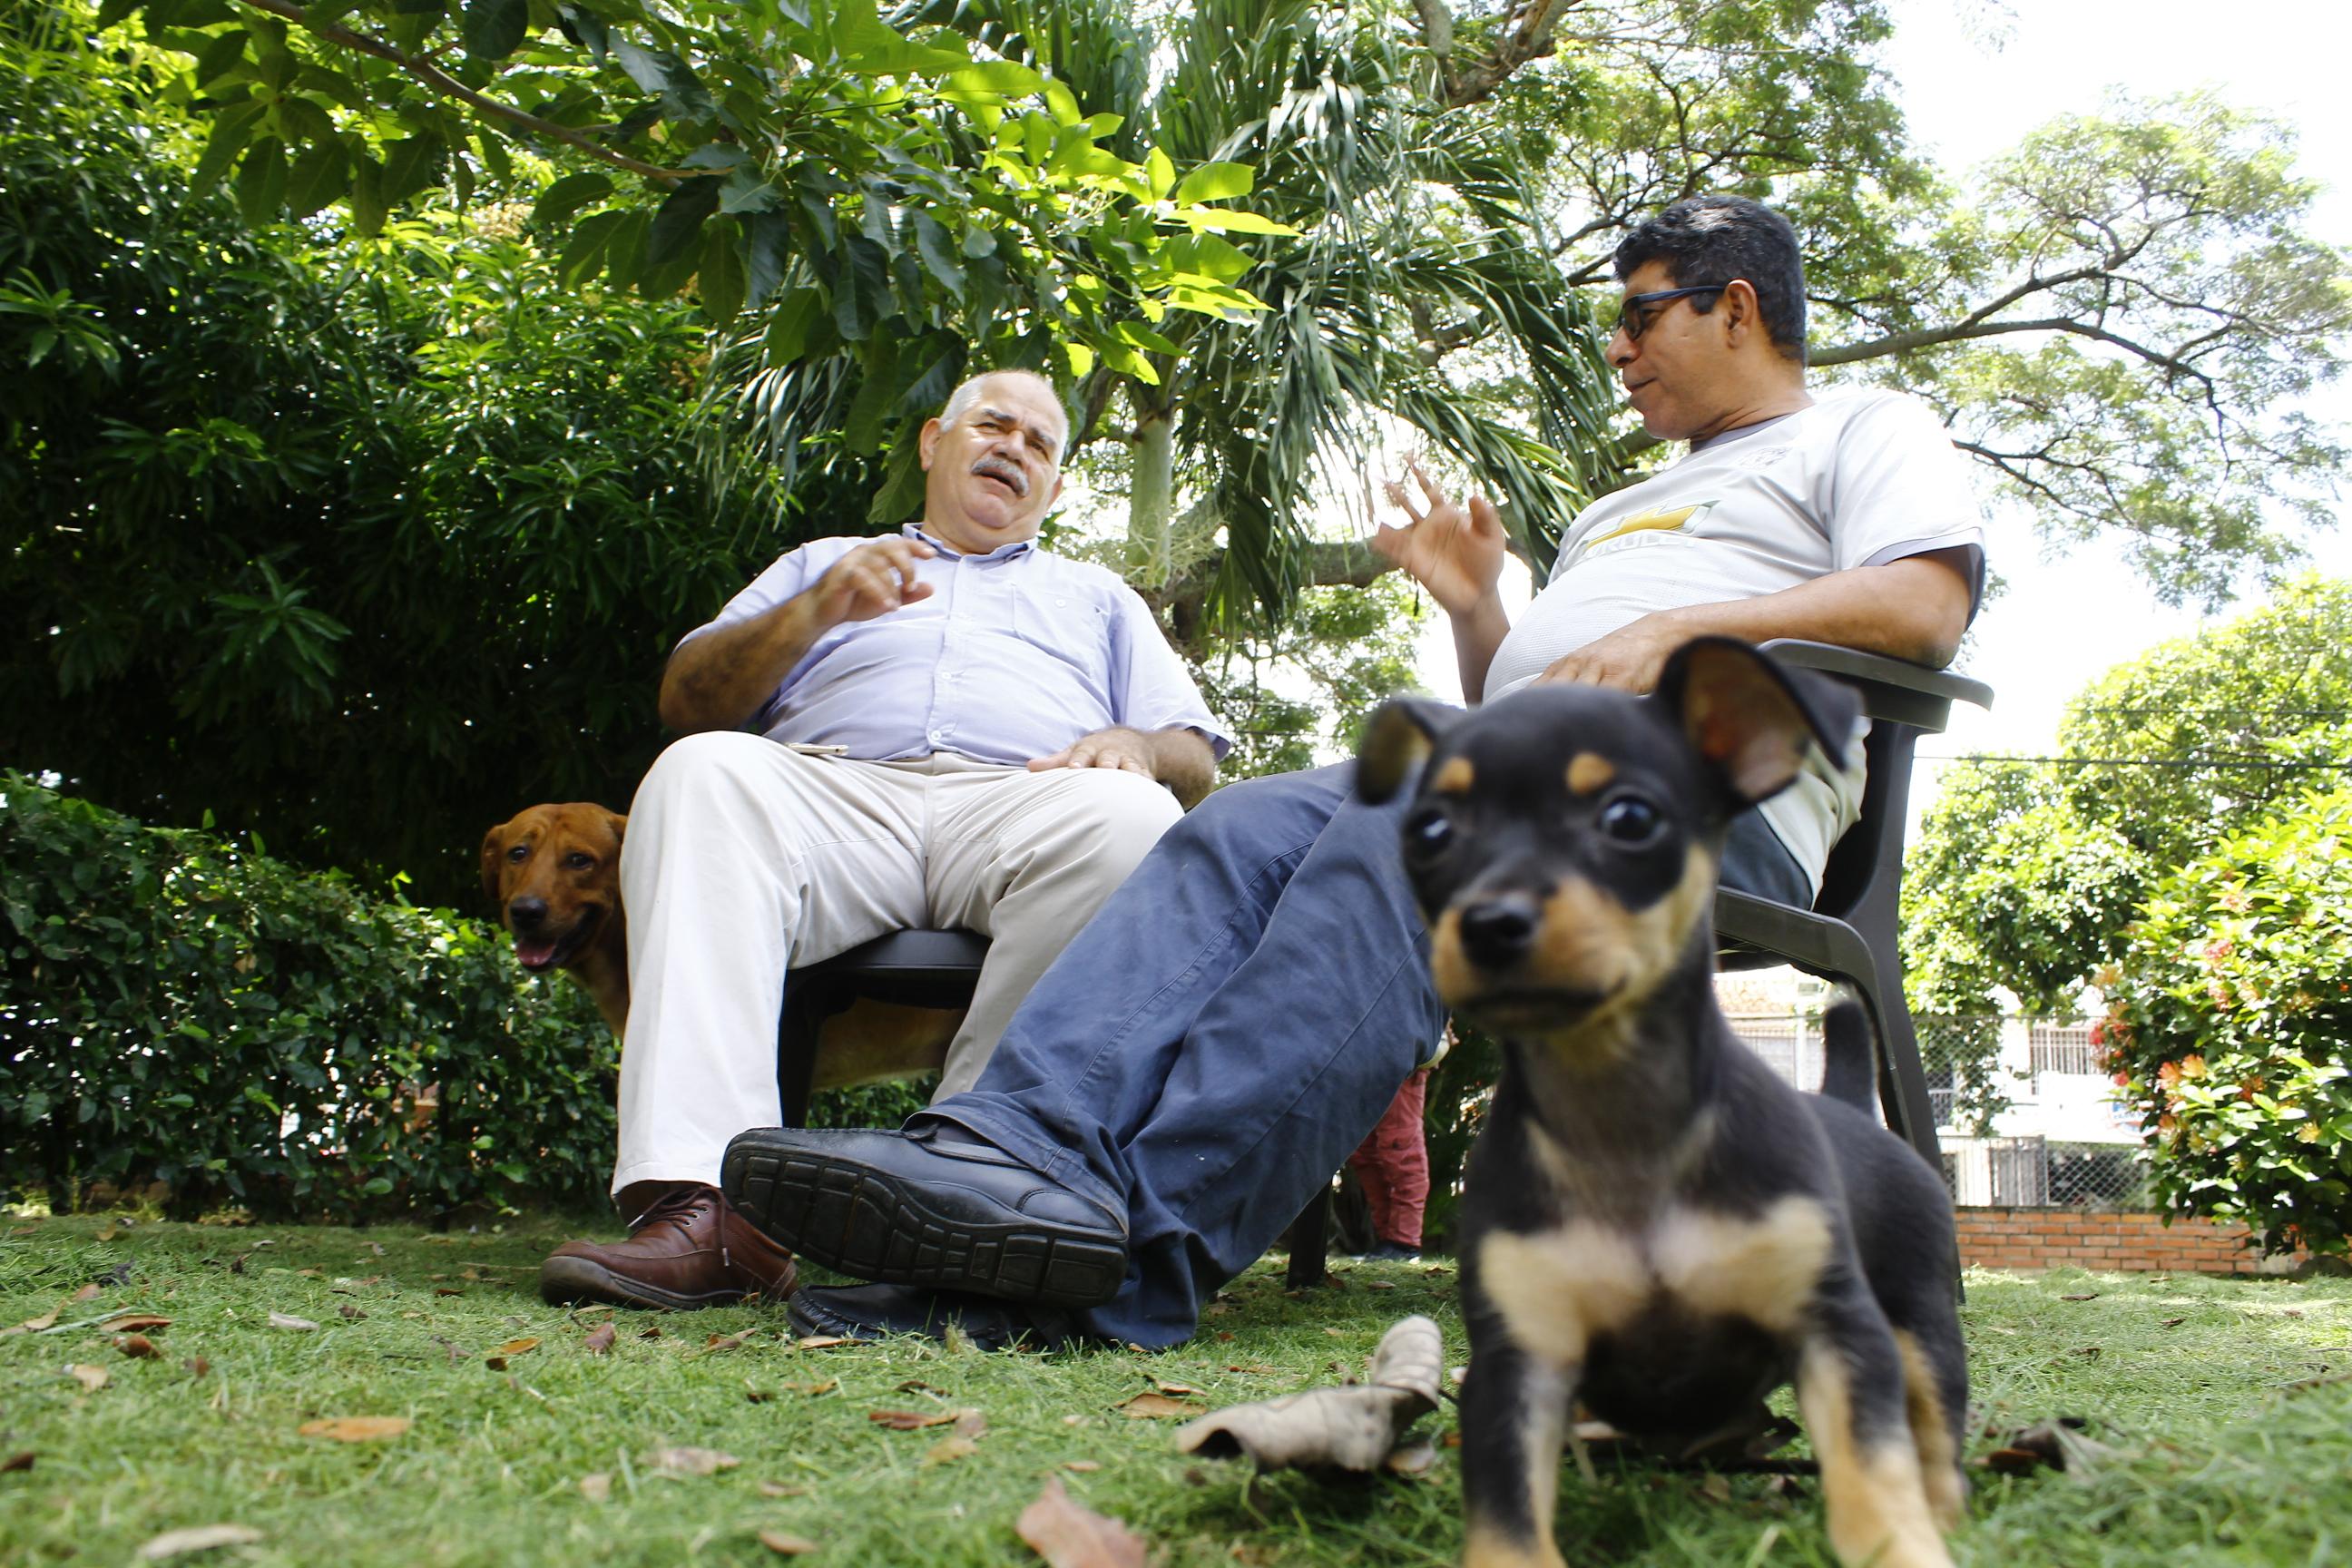 'Paco' y 'Venus', las mascotas de Lacouture y Caicedo, respectivamente, al lado de sus dueños.